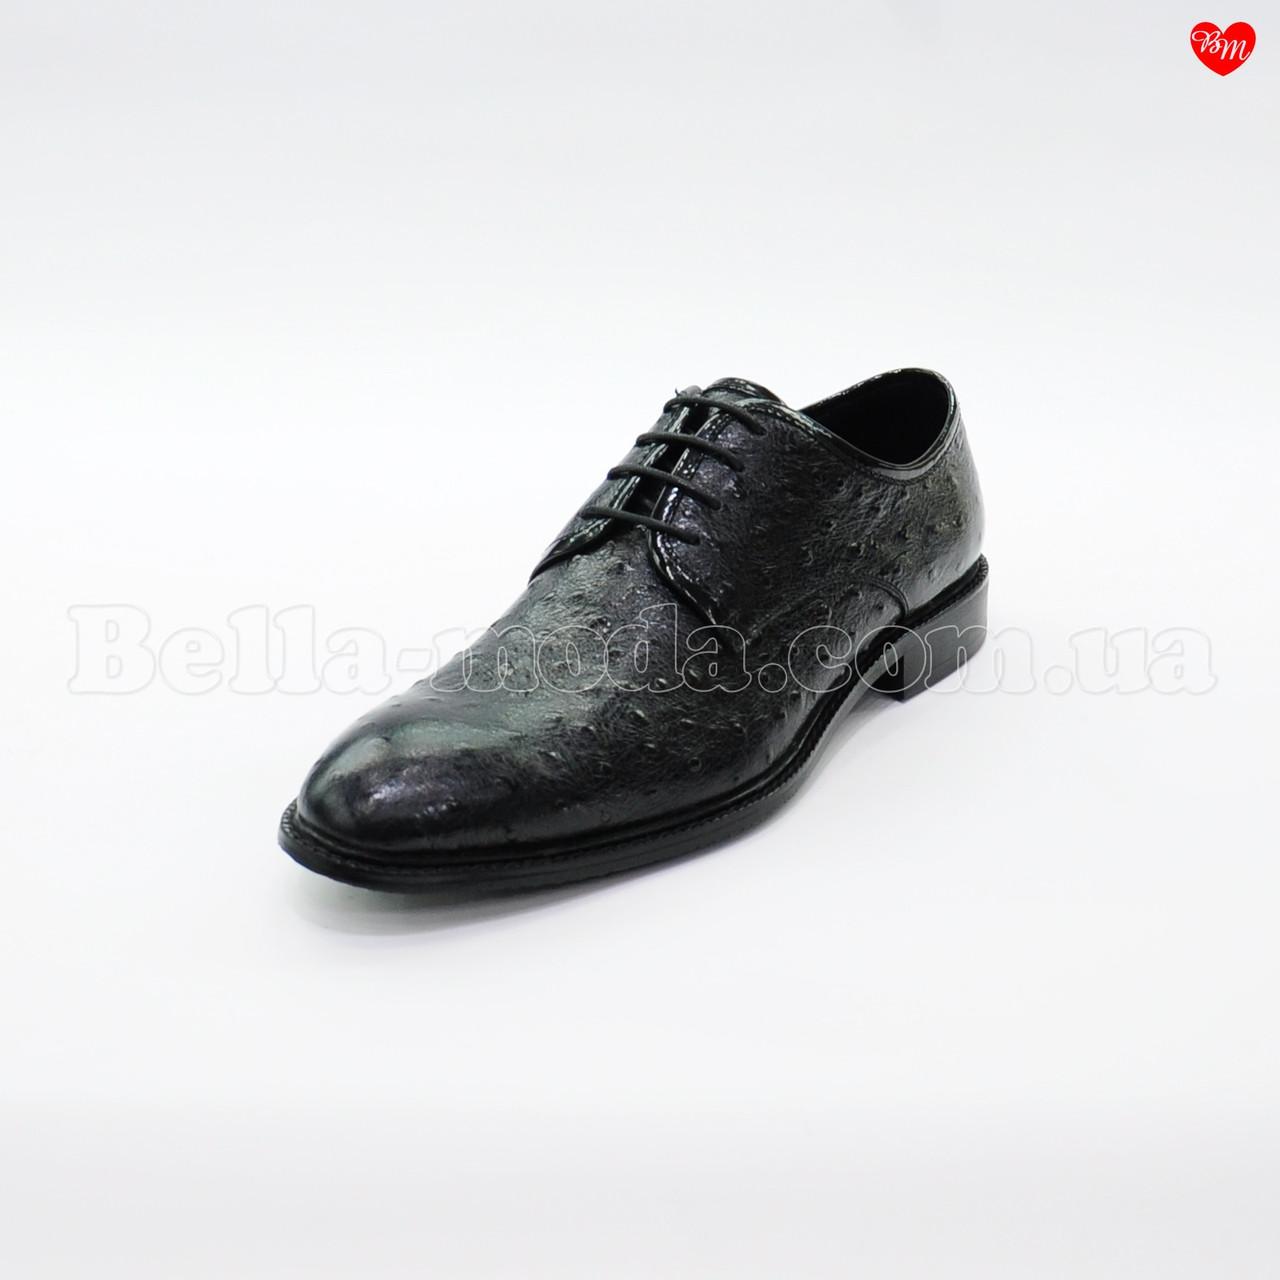 Мужские туфли кожа страуса Hermes - интернет-магазин